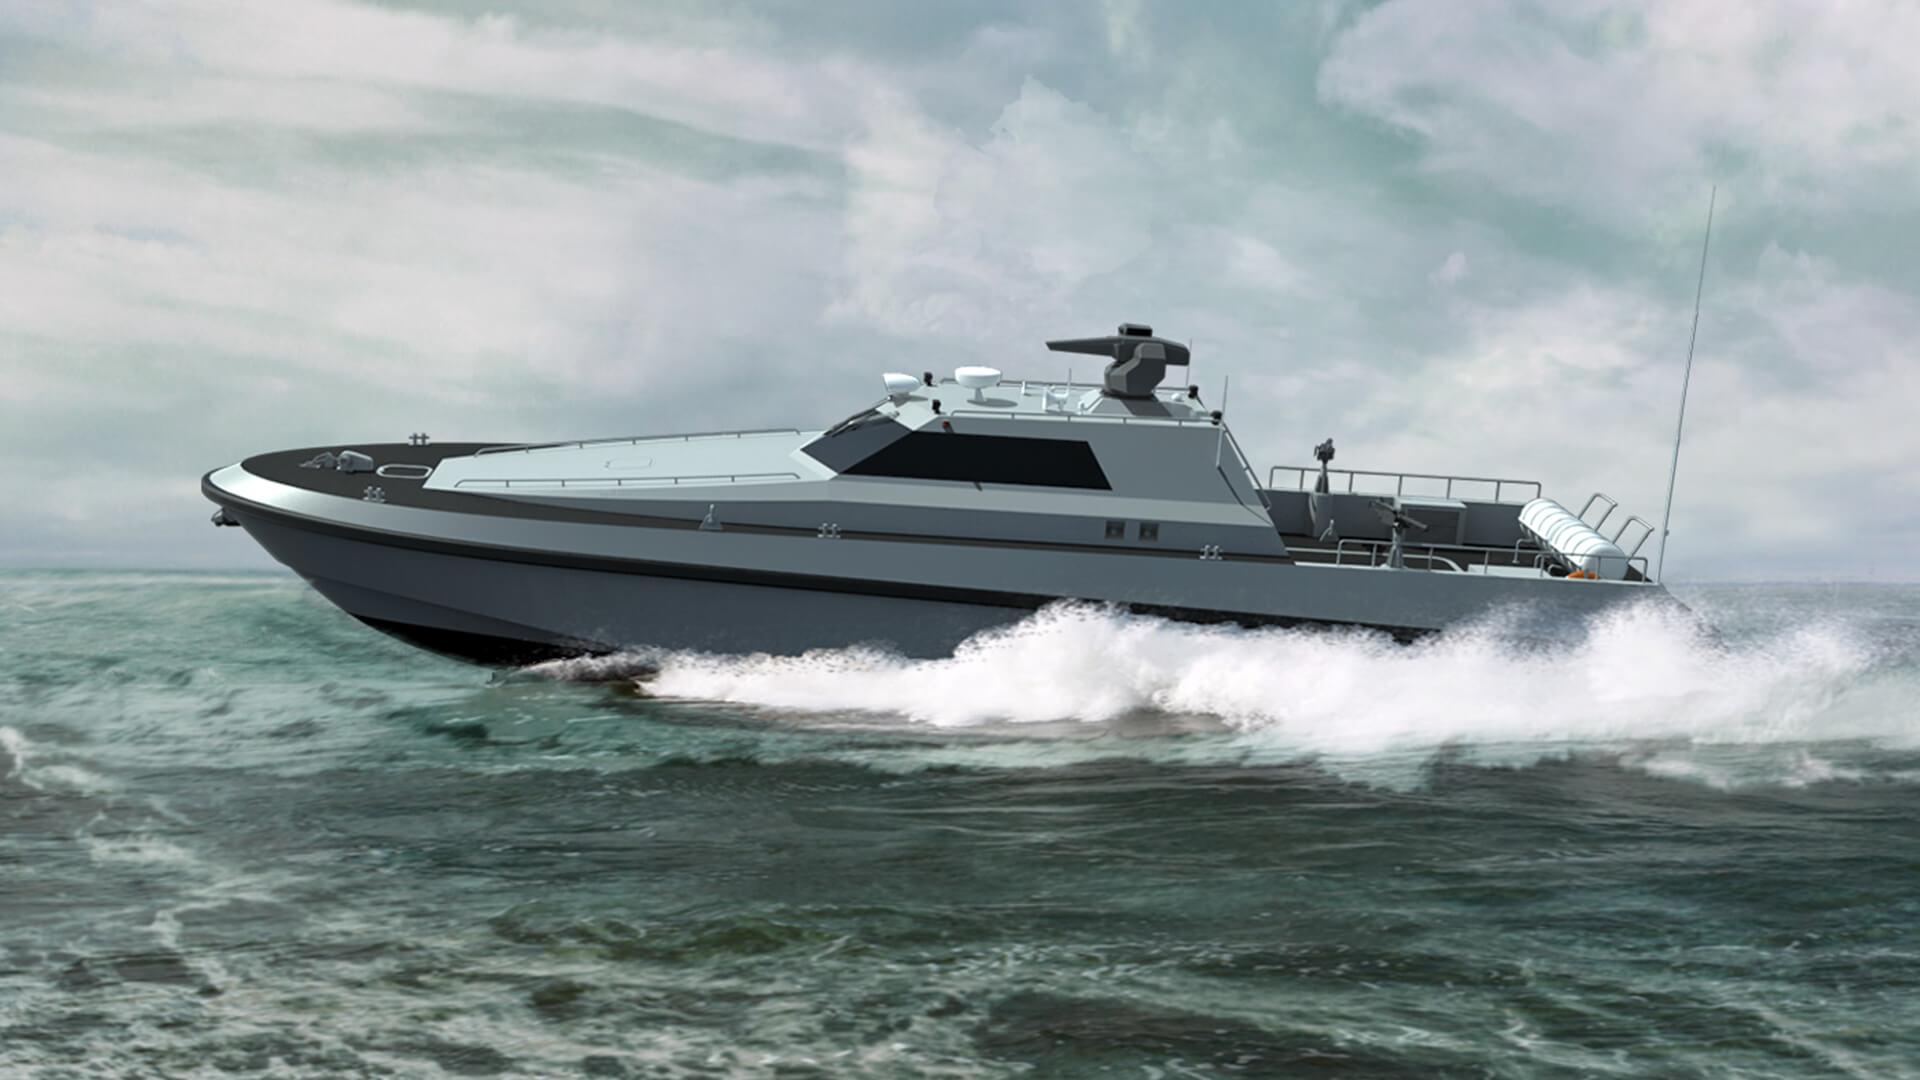 images/vessels/01-patrol-craft/03-series-harpoon/01-ares-70-harpoon/01.jpg